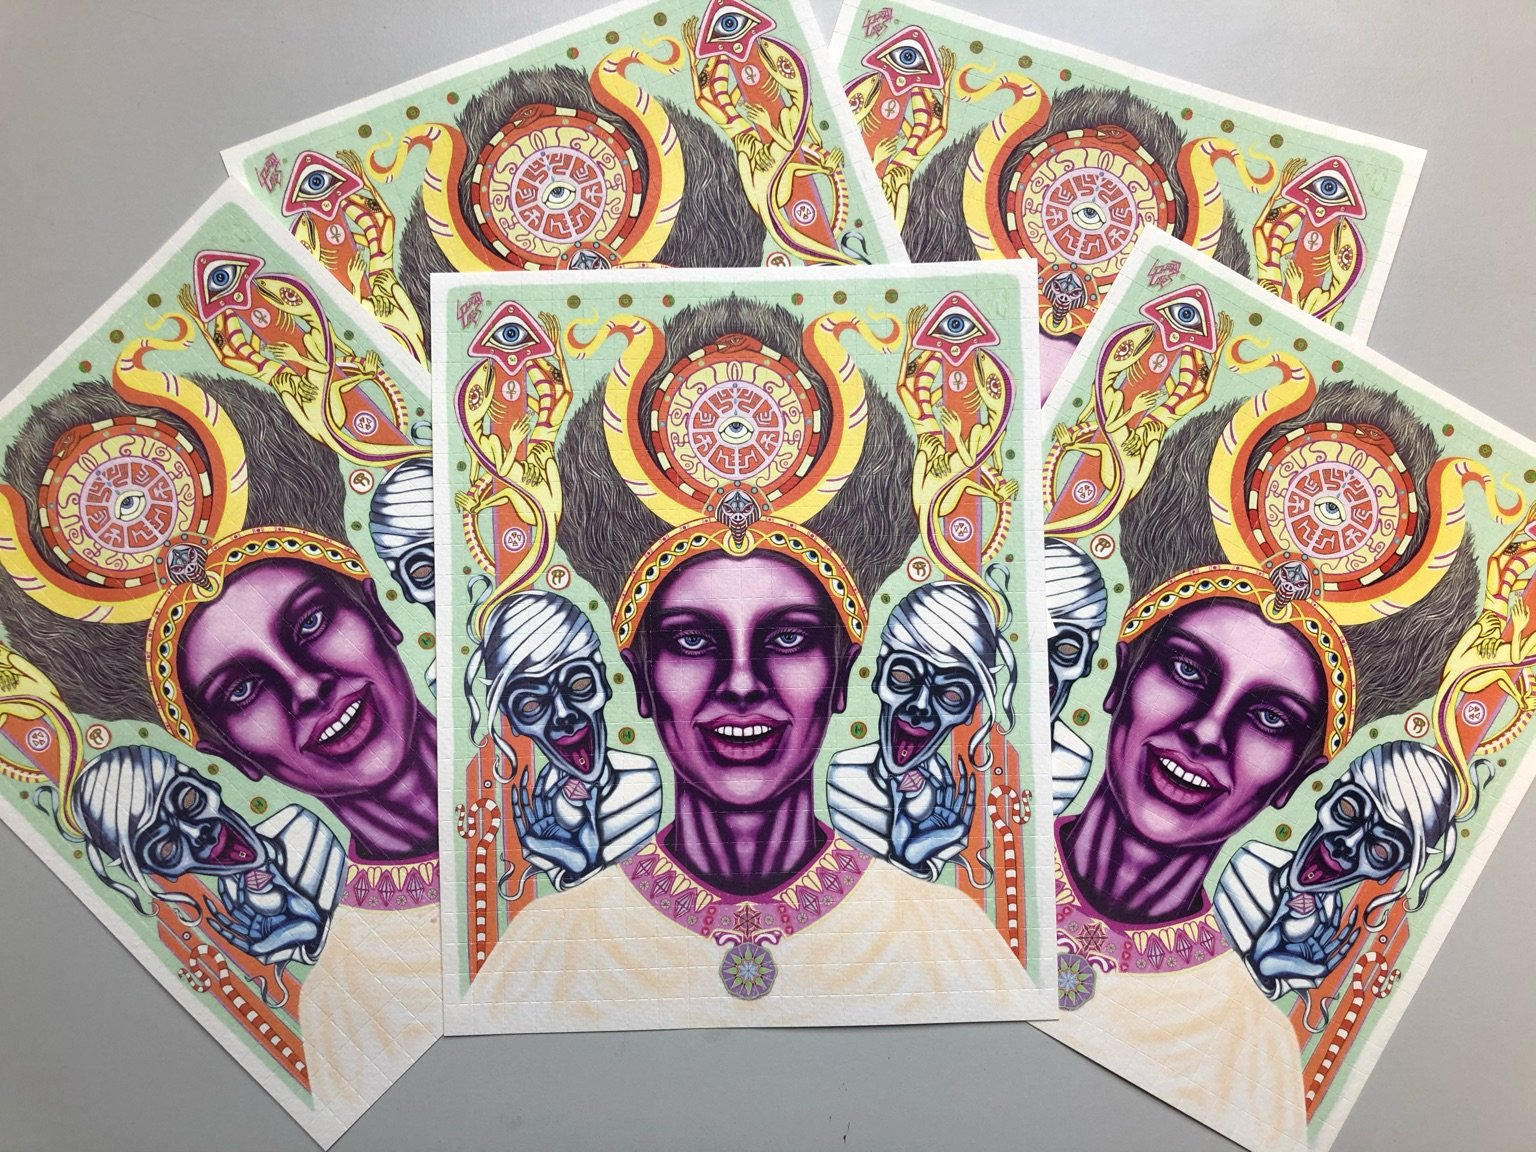 1cP-LSD 150mcg buvards